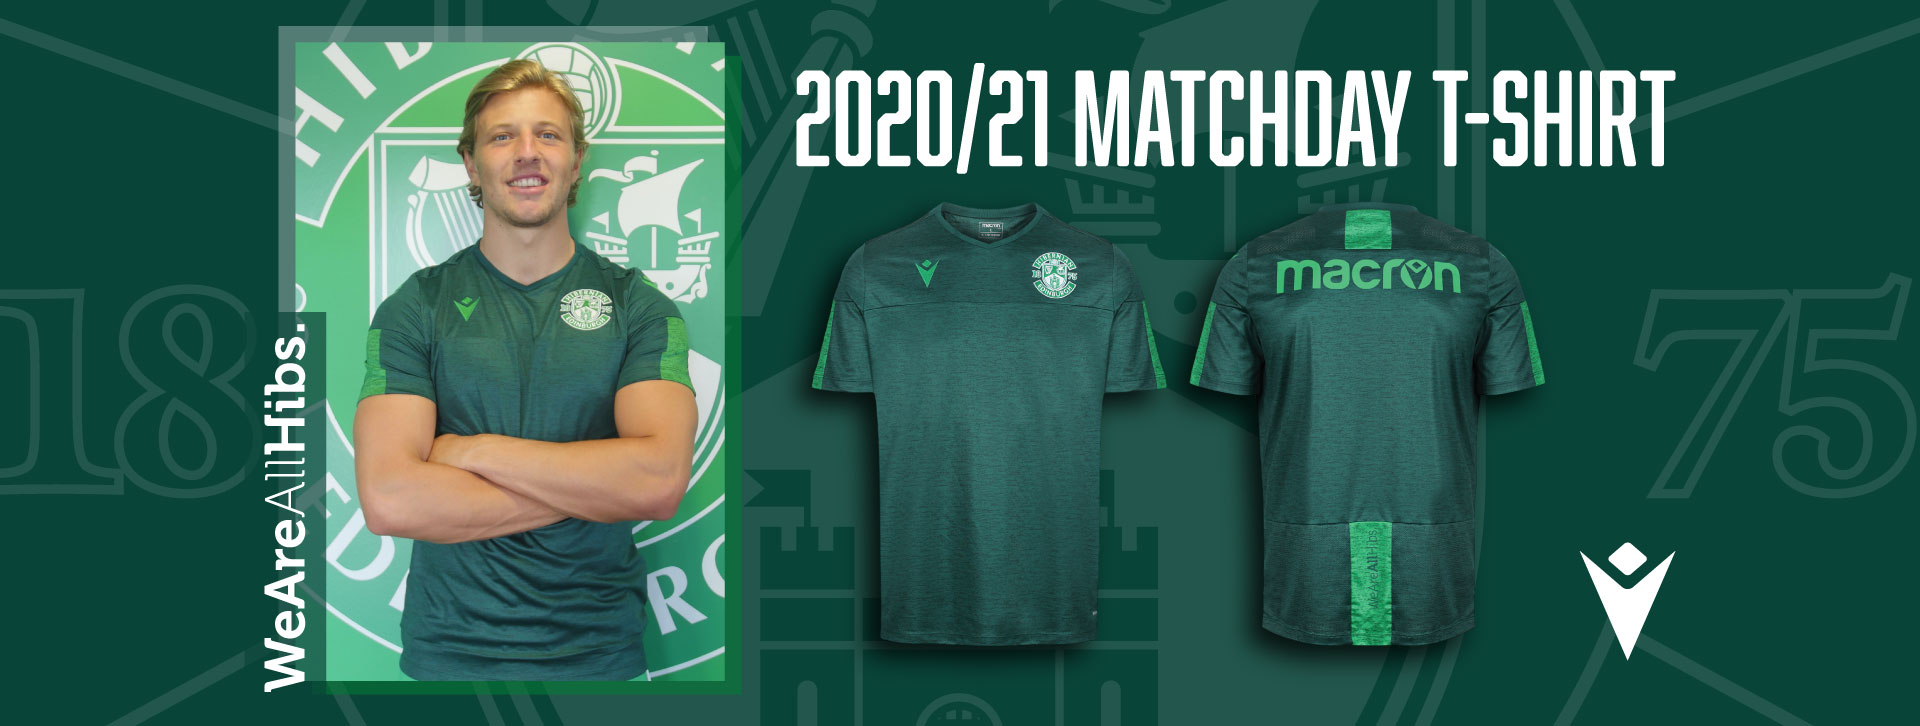 Hibernian FC 2020/21 Matchday T-Shirt